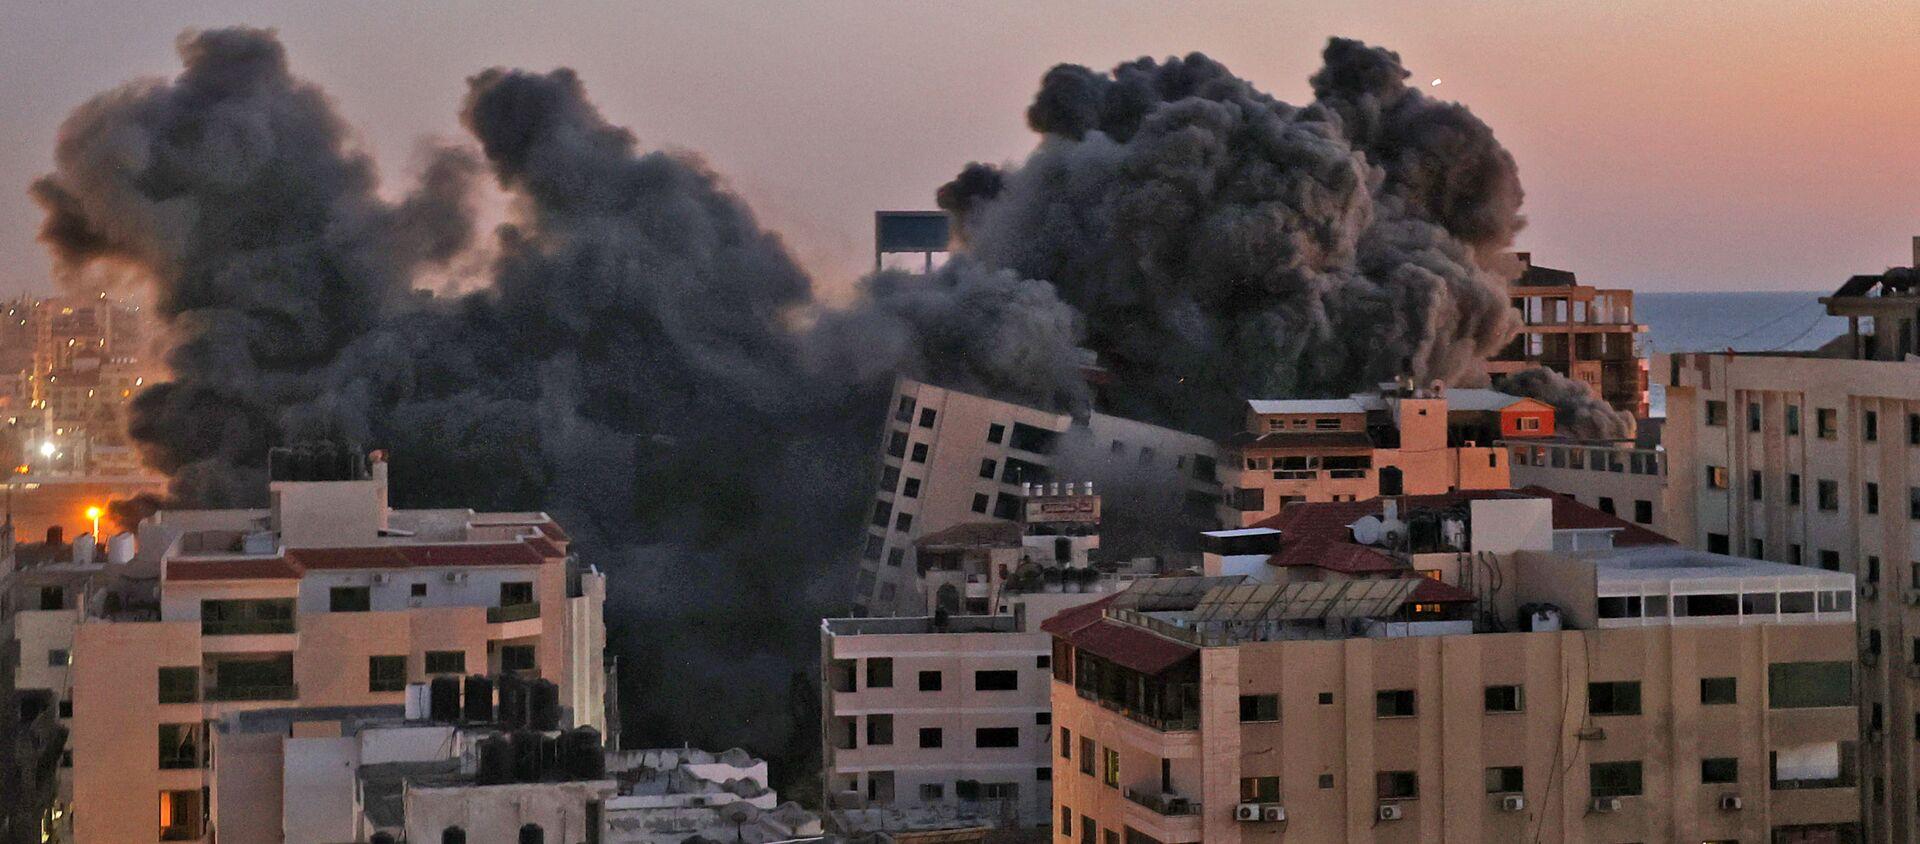 Tình hình ở Dải Gaza. - Sputnik Việt Nam, 1920, 17.05.2021